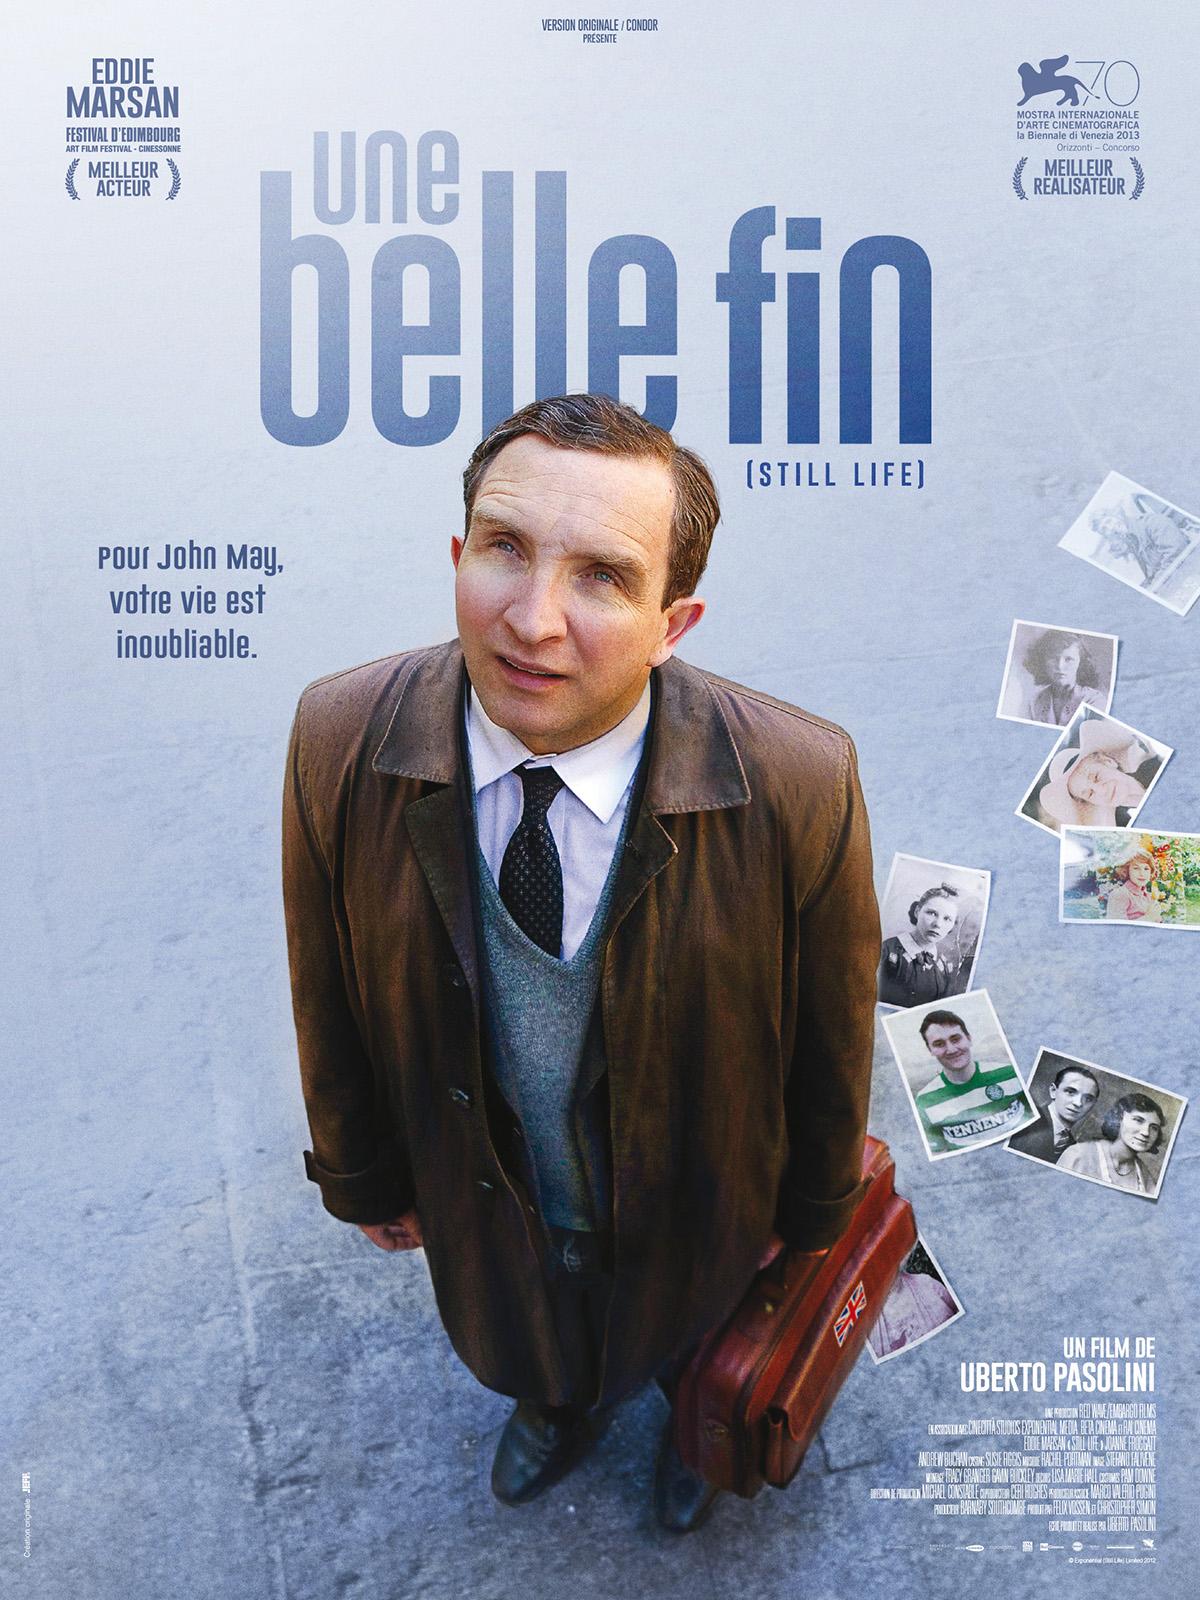 Une Belle Fin : Un film fort, bouleversant, qui rend heureux, par le producteur de The Full Monty